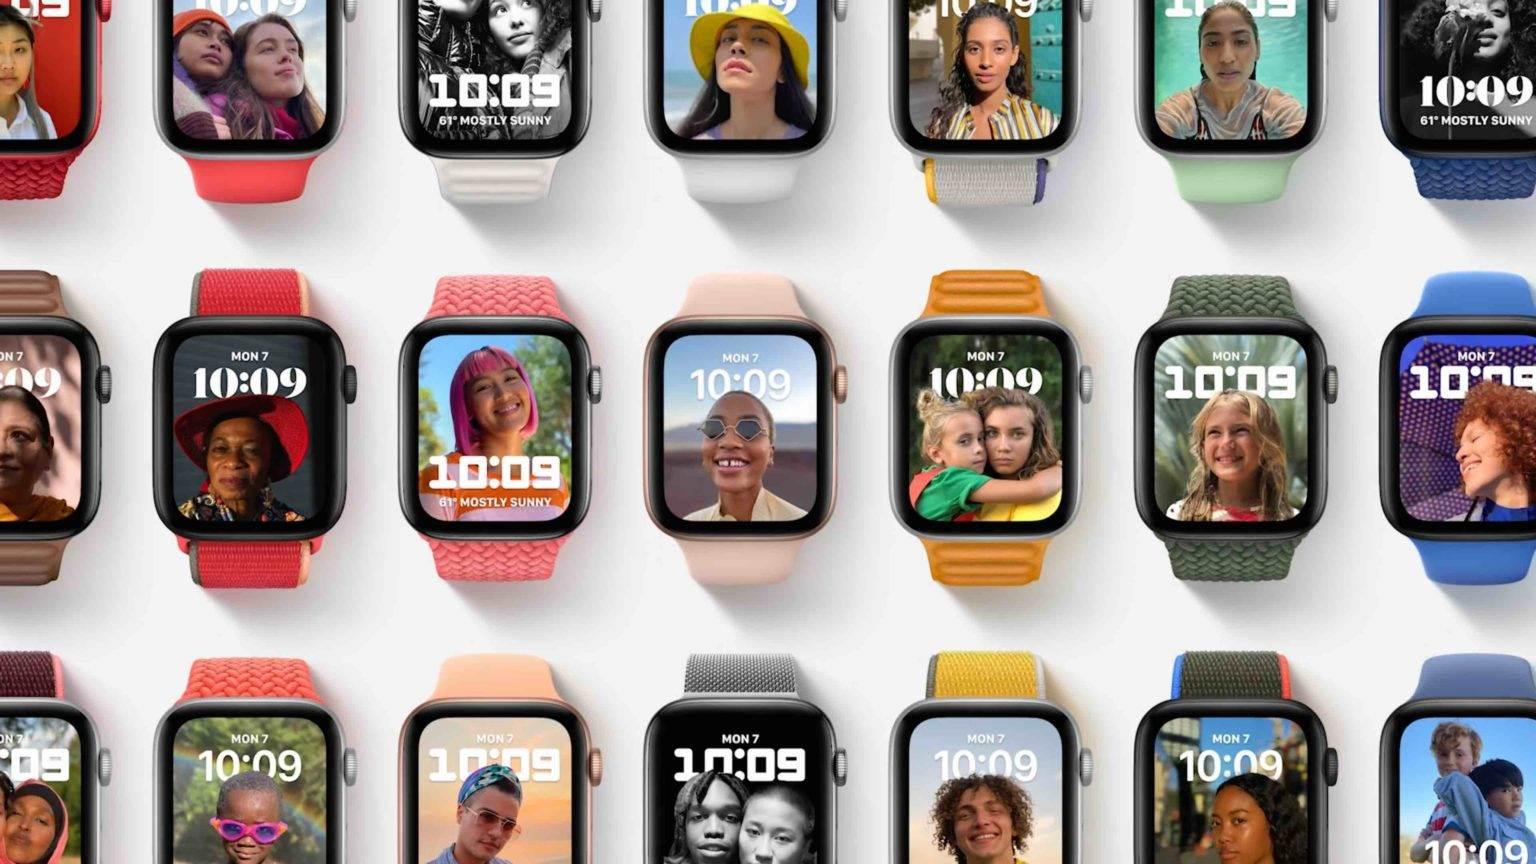 watchOS 8 dostępny - co nowego? ciekawostki zmiany w watchOS 8, watchOS 8, na jakich zegarkach watchOS 8, jak zainstalowac watchOS 8, jak uaktualnic apple watch, instrukcja instalacji watchos 8, co nowego w watchOS 8  Dziś wraz z iOS 15, iPadOS 15, tvOS 15 firma Apple udostępniona także nową wersję systemu dla zegarka Apple. Co zostało zmienione w watchOS 8? watchos 8 1 1536x864 1